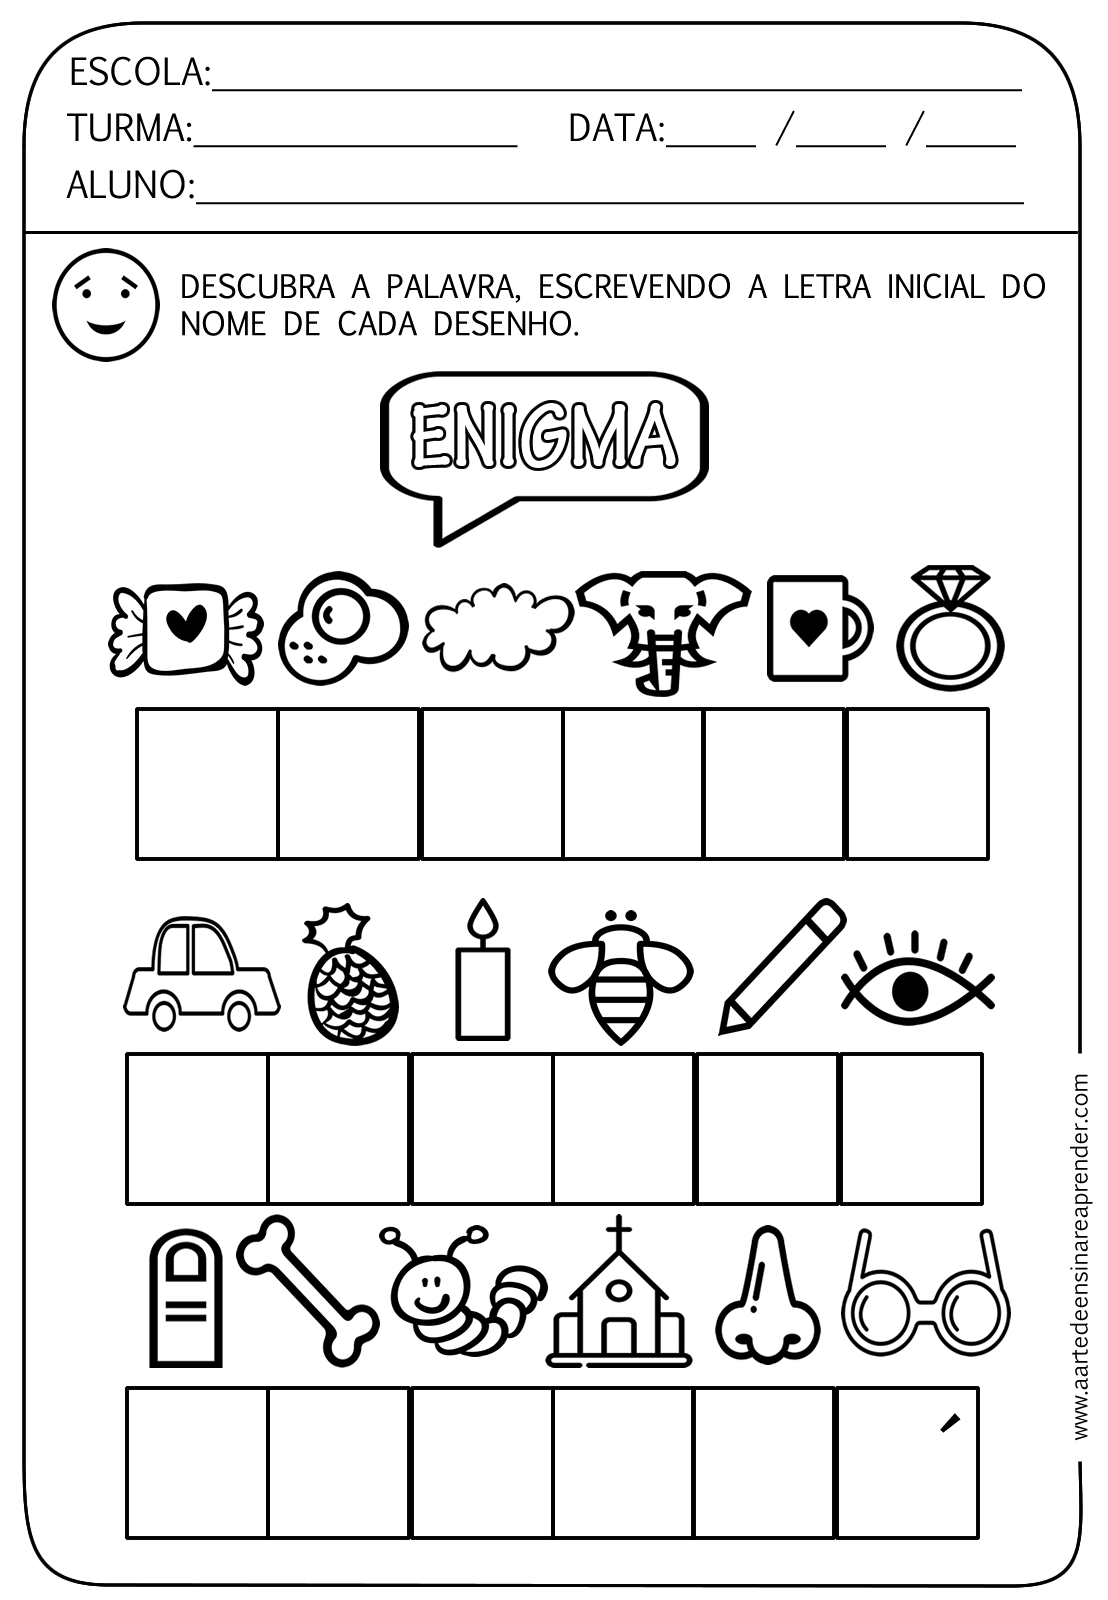 Favoritos Atividades de Alfabetização para Educação Infantil - Ensino Já TI43